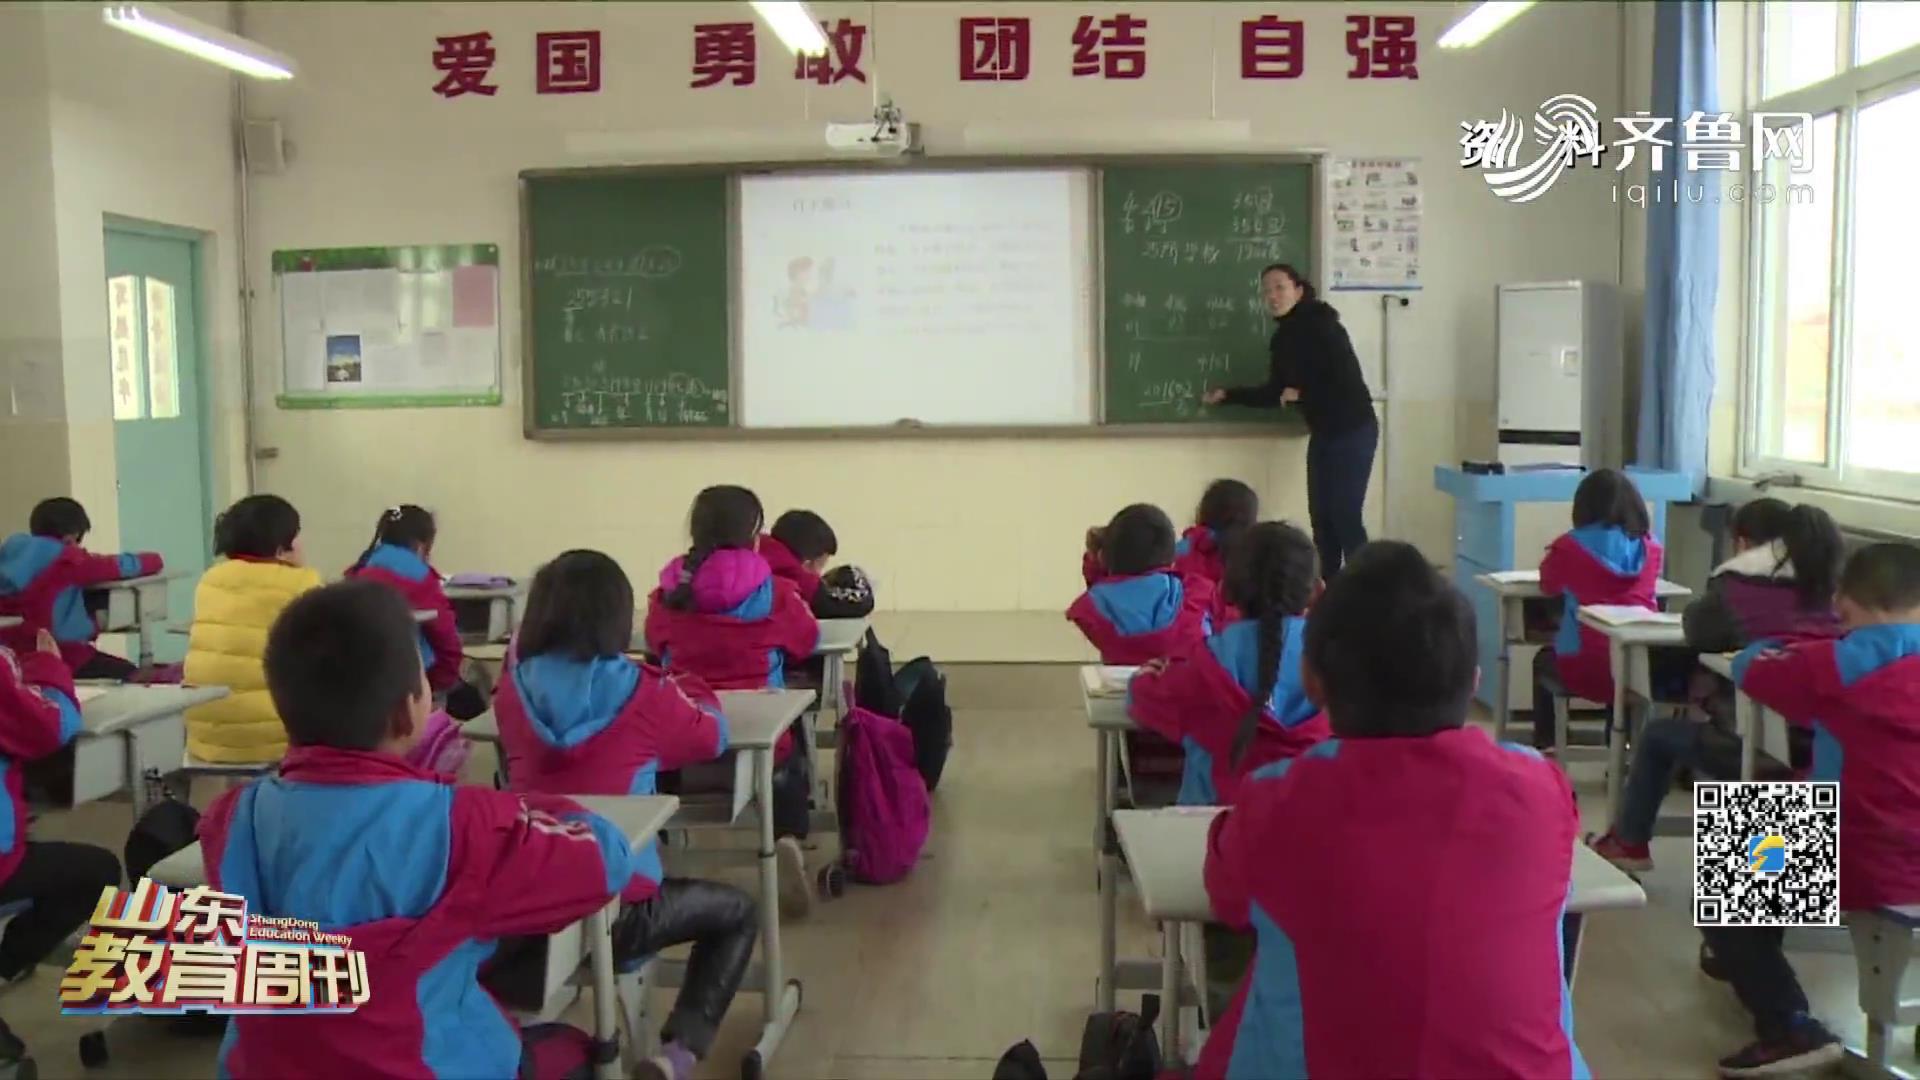 教育部颁布《中小学教育惩戒规则(试行)》《山东教育周刊》20210103播出